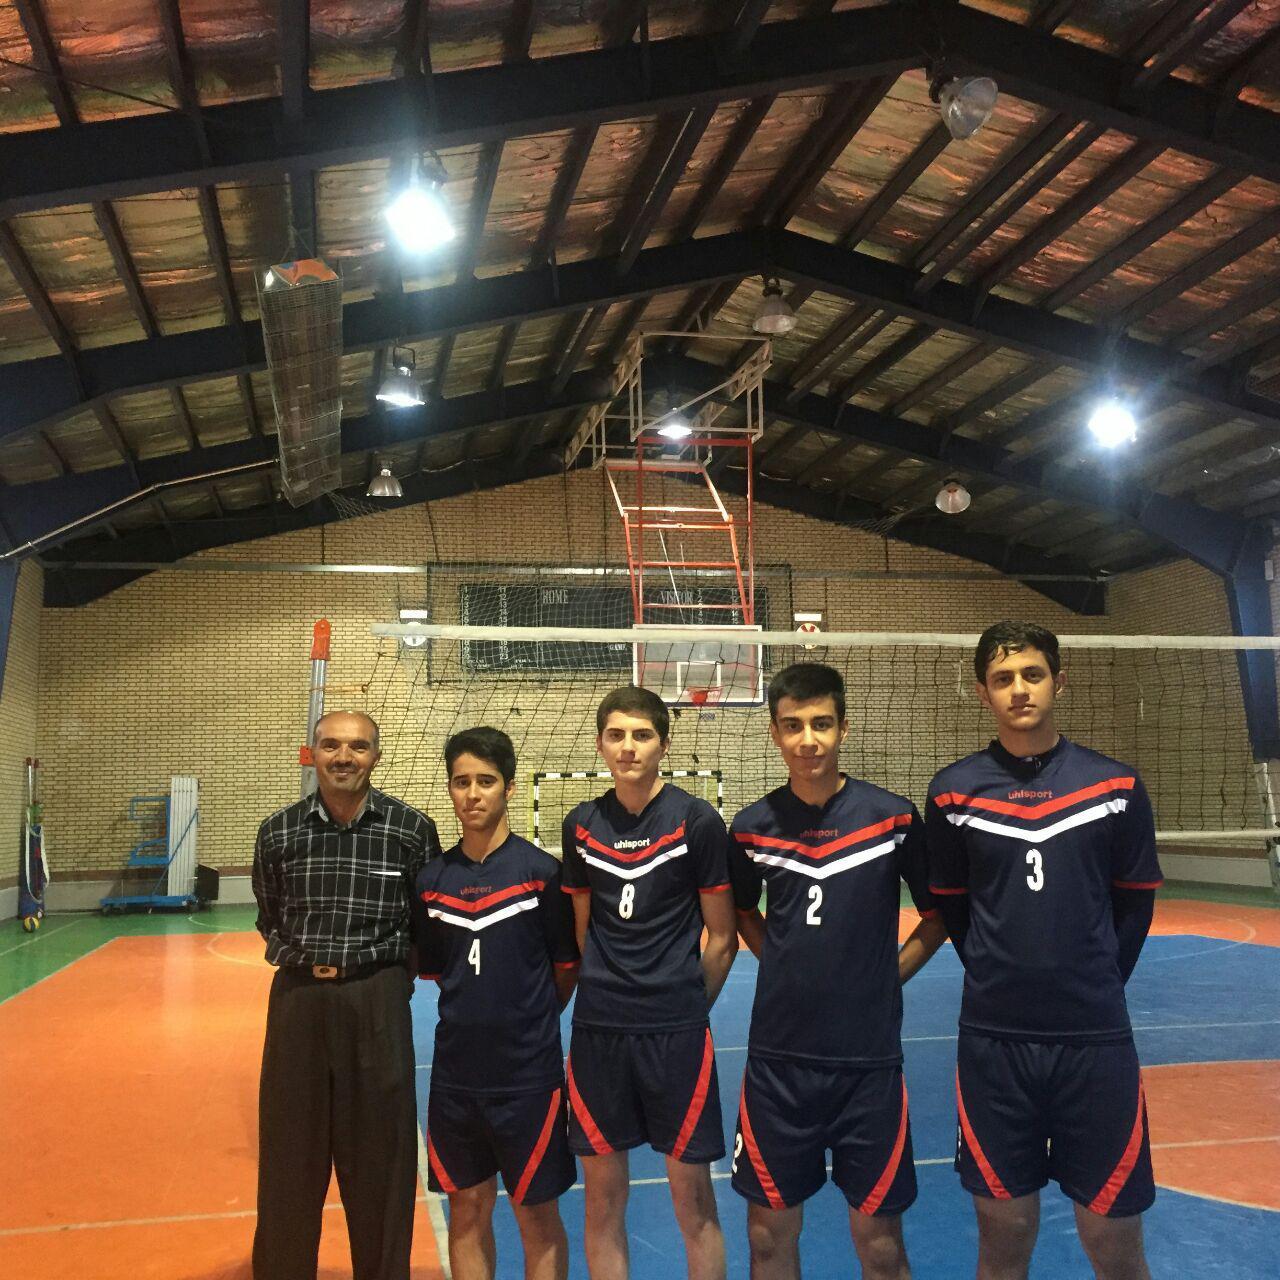 اردوی انتخابی والیبال نوجوانان استان با حضور والیبالیست های پیرانشهری برگزار شد